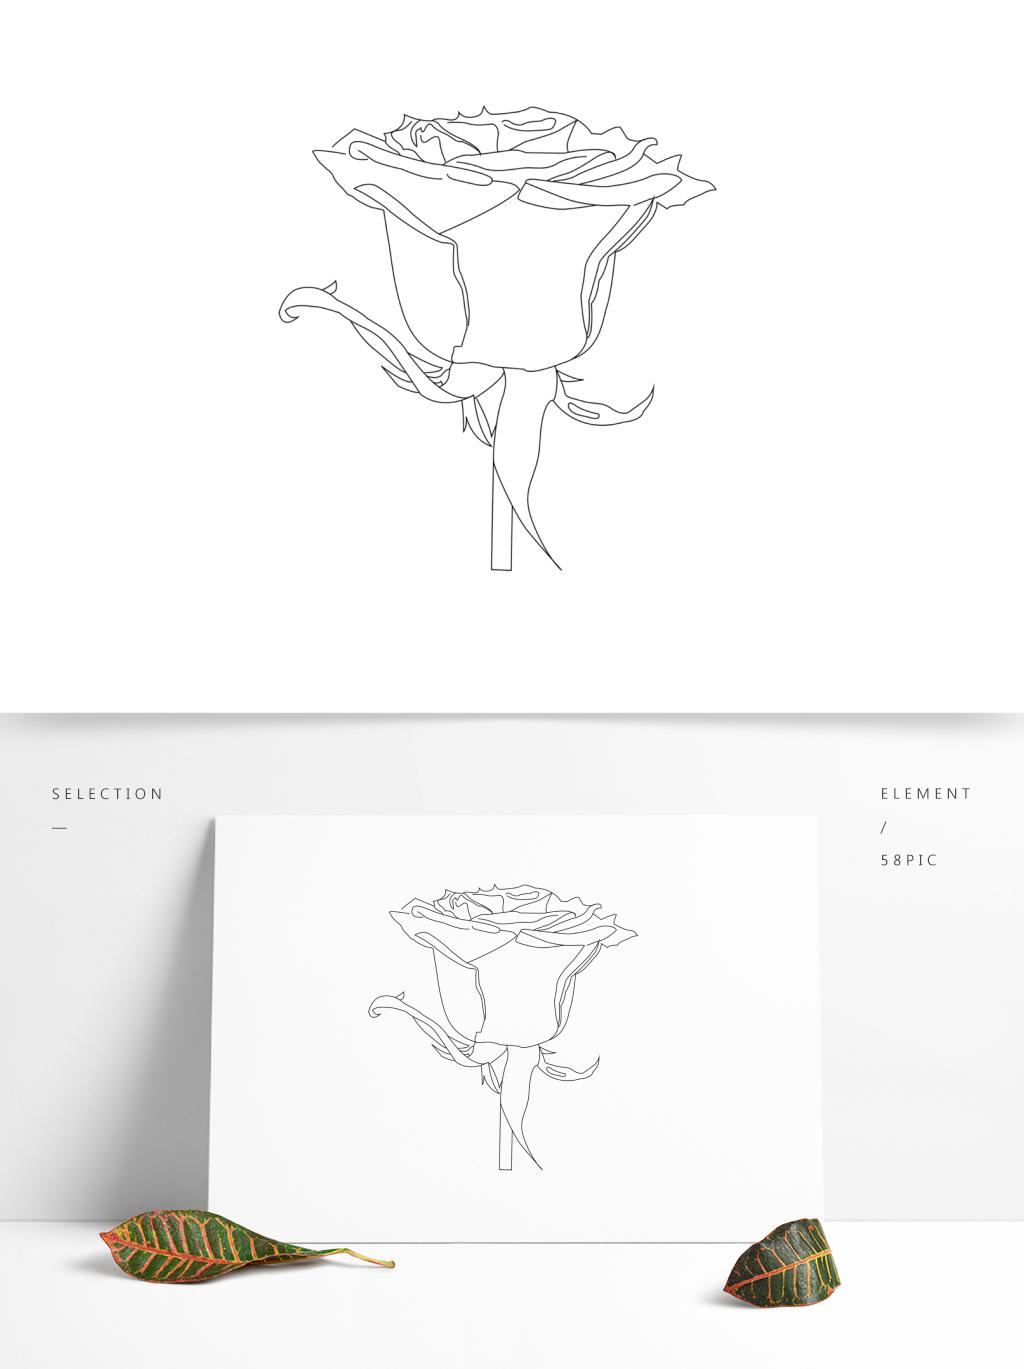 七夕情人节玫瑰简笔花朵简约